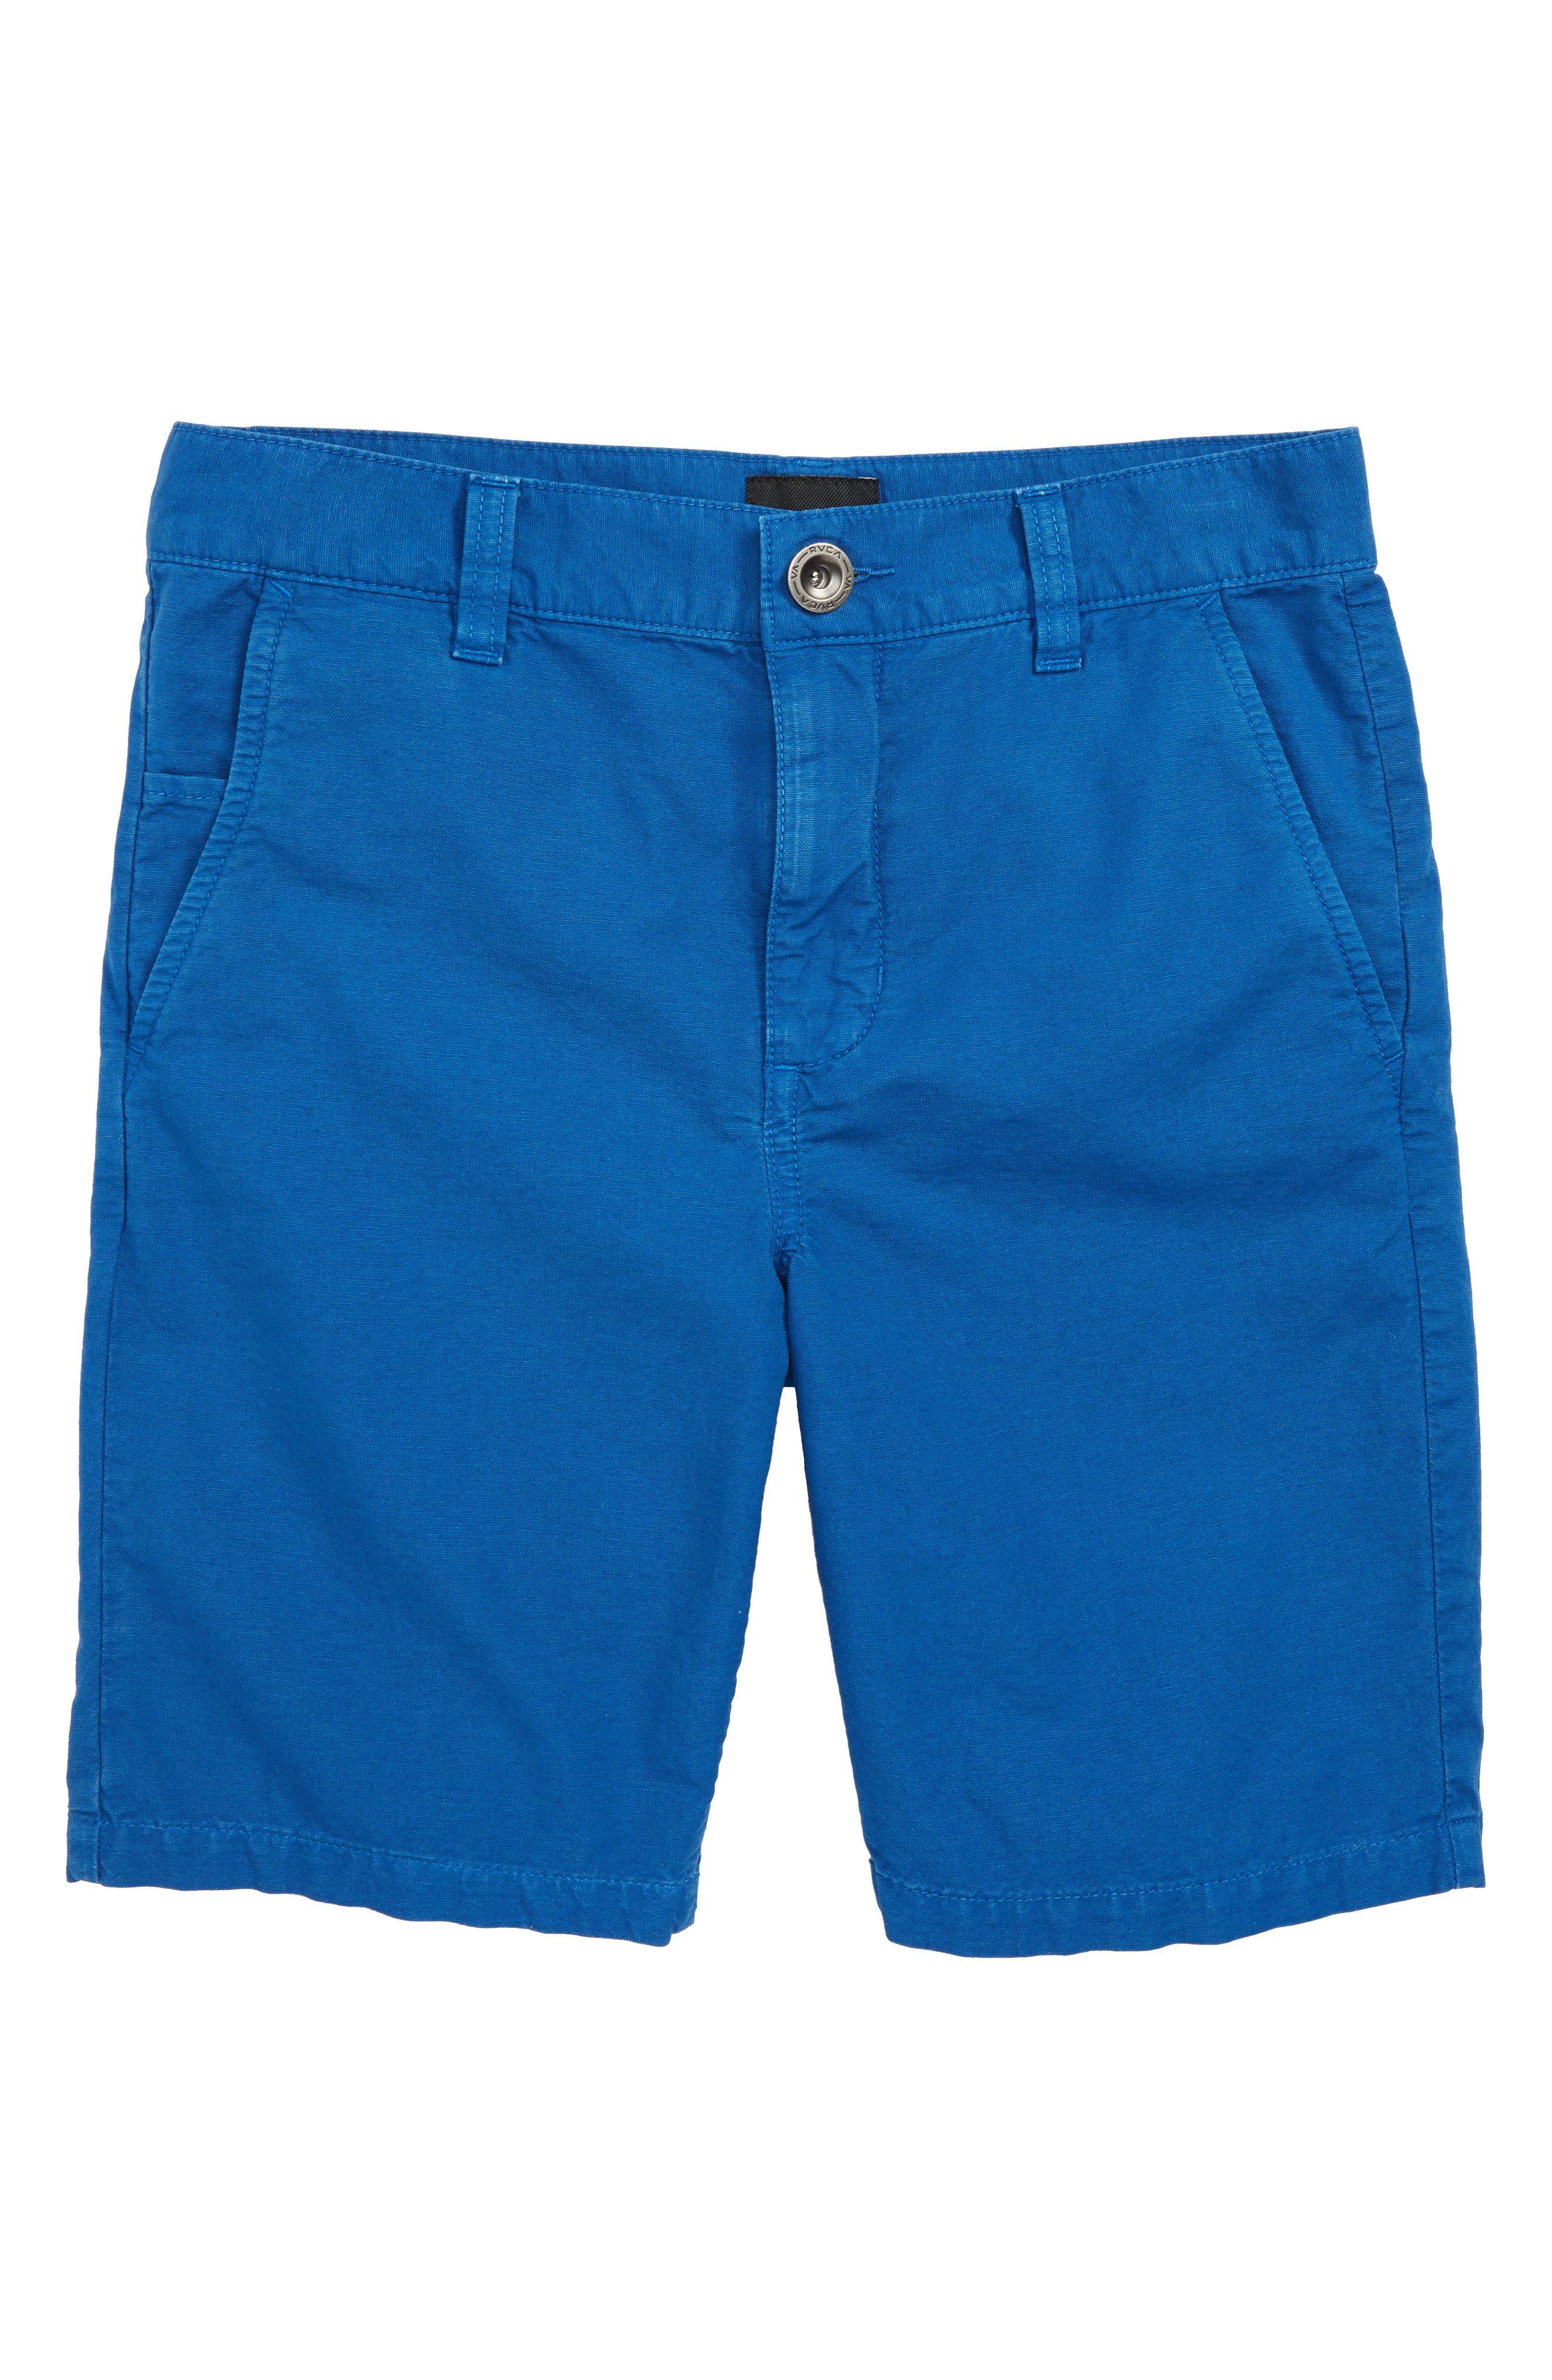 Butter Ball Shorts,                             Main thumbnail 1, color,                             431